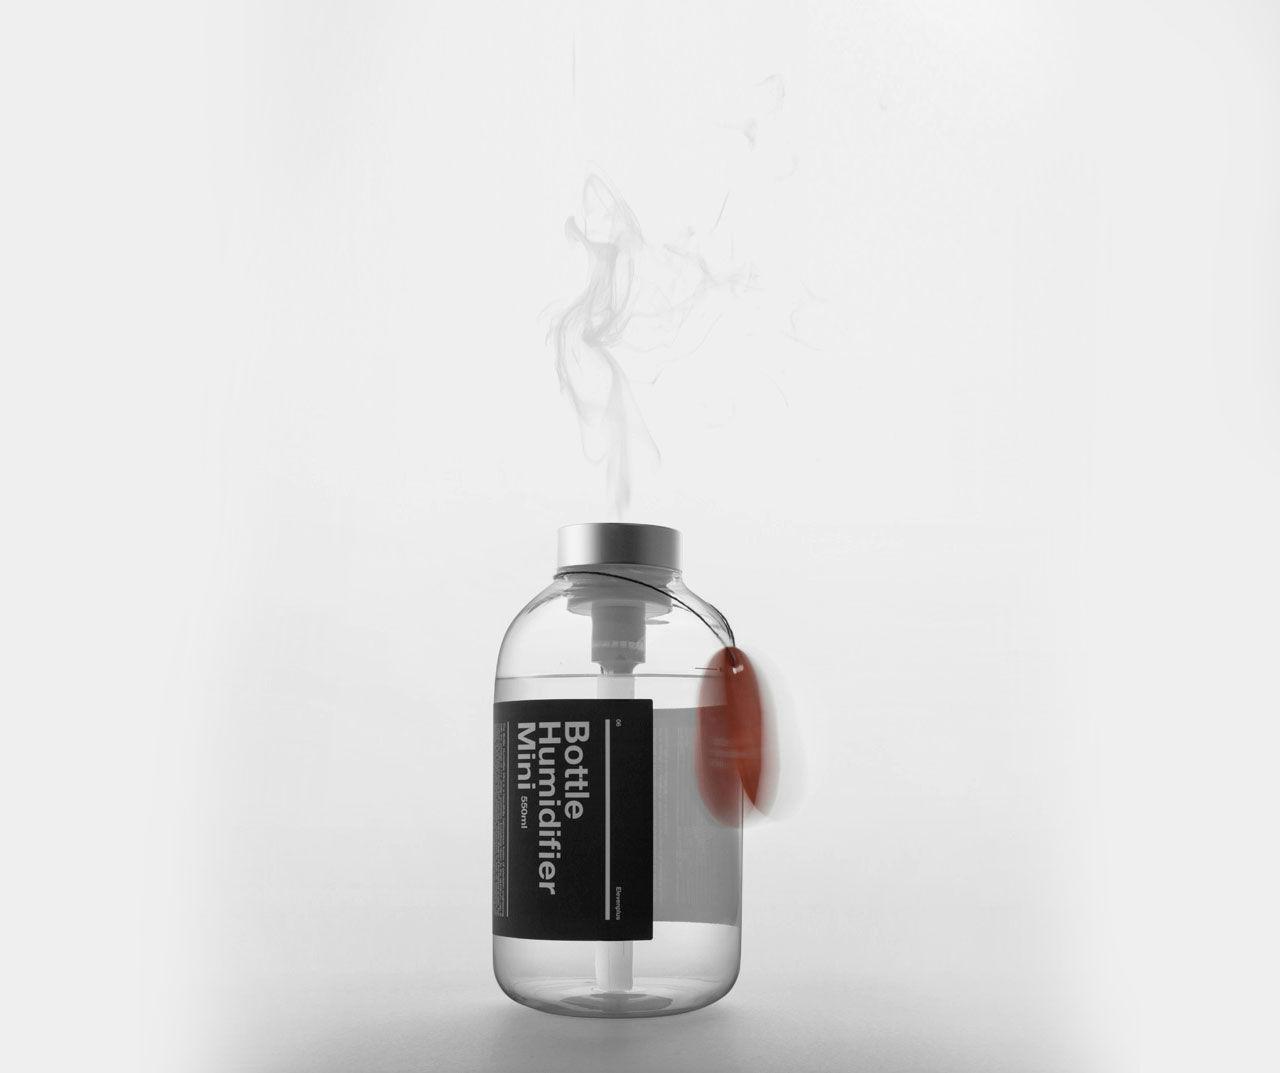 Luftfuktare i en liten flaska